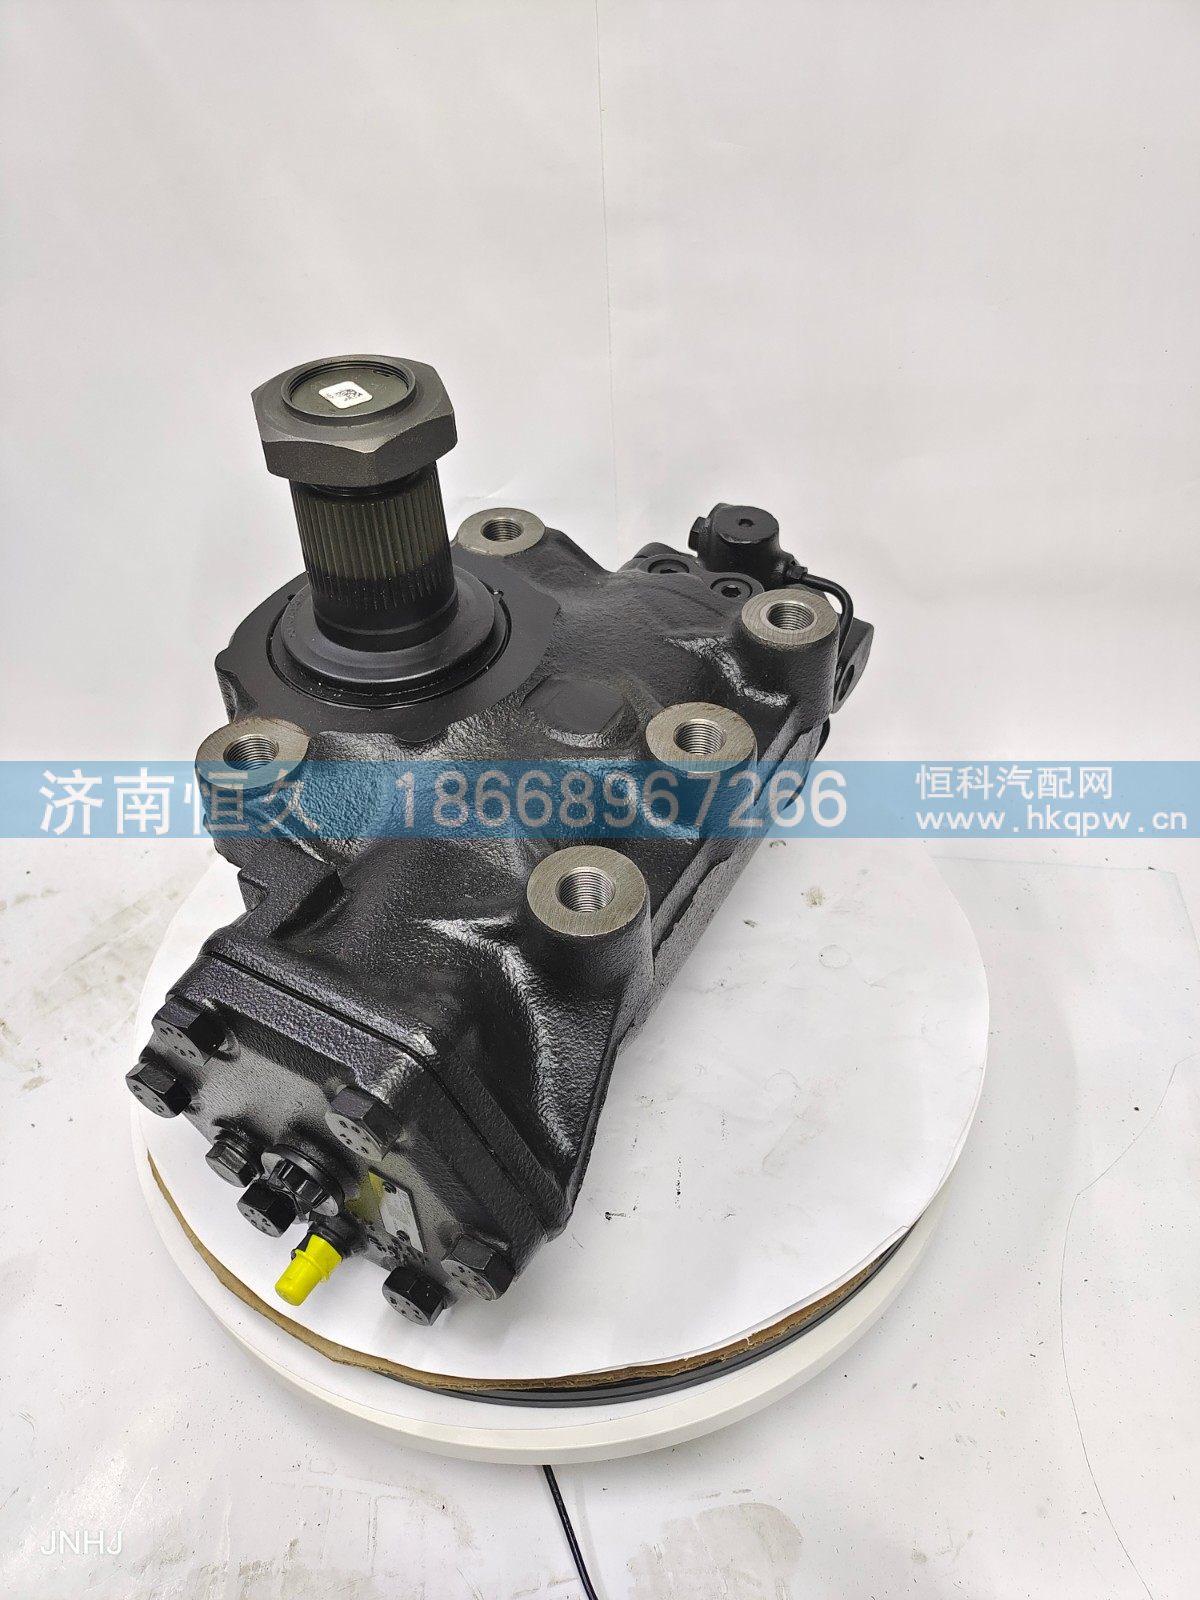 WG9738479415双回路转向器总成ZF8099/WG9738479415